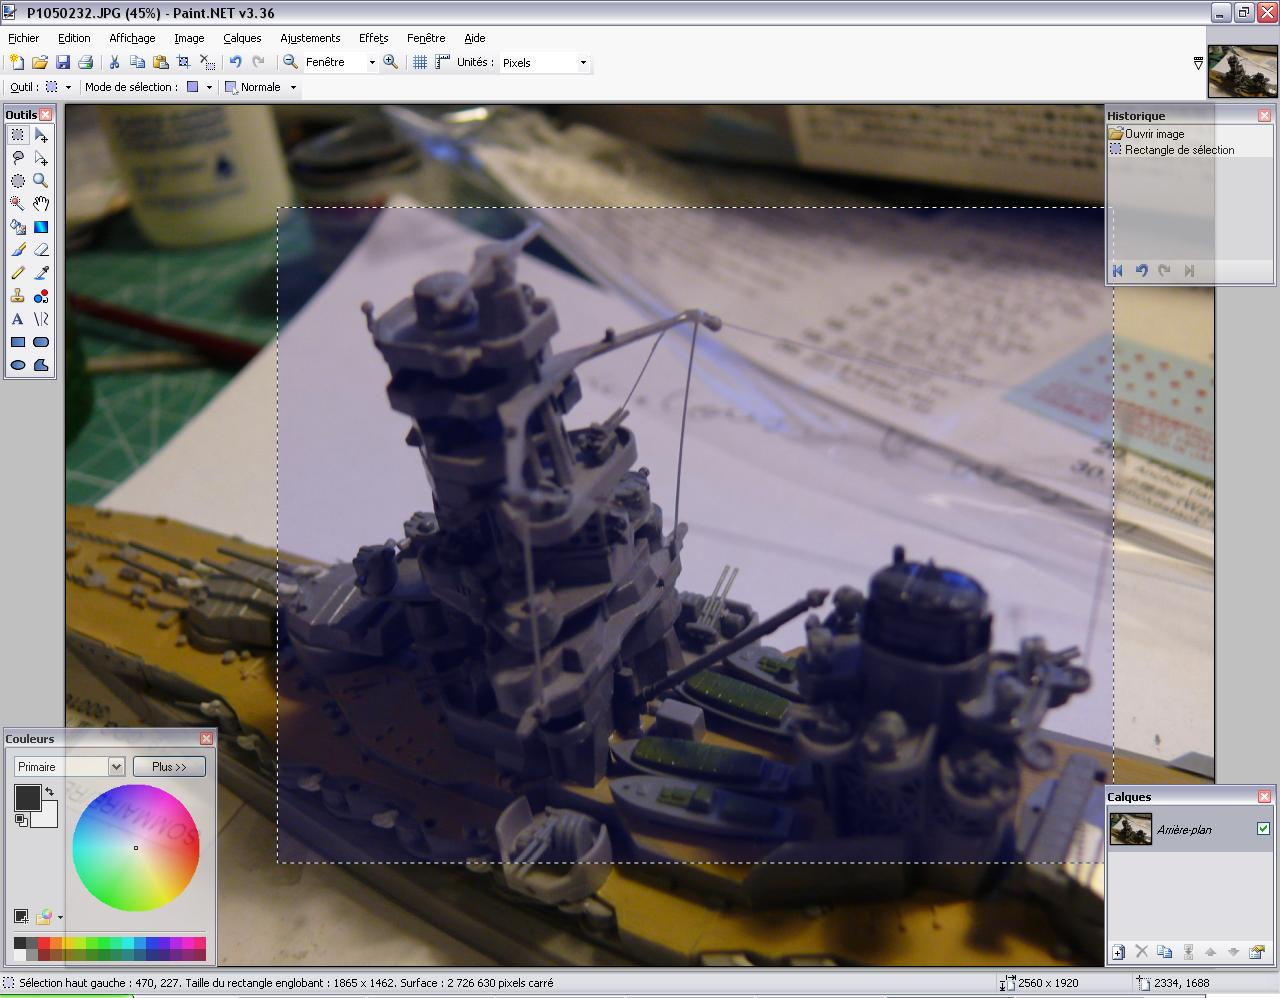 paint*?tid=8cb3c32870e2ab7a183987e9a65f6e34 - TUTO : Comment réduire une photo pour le forum avec paint.net Paintn12